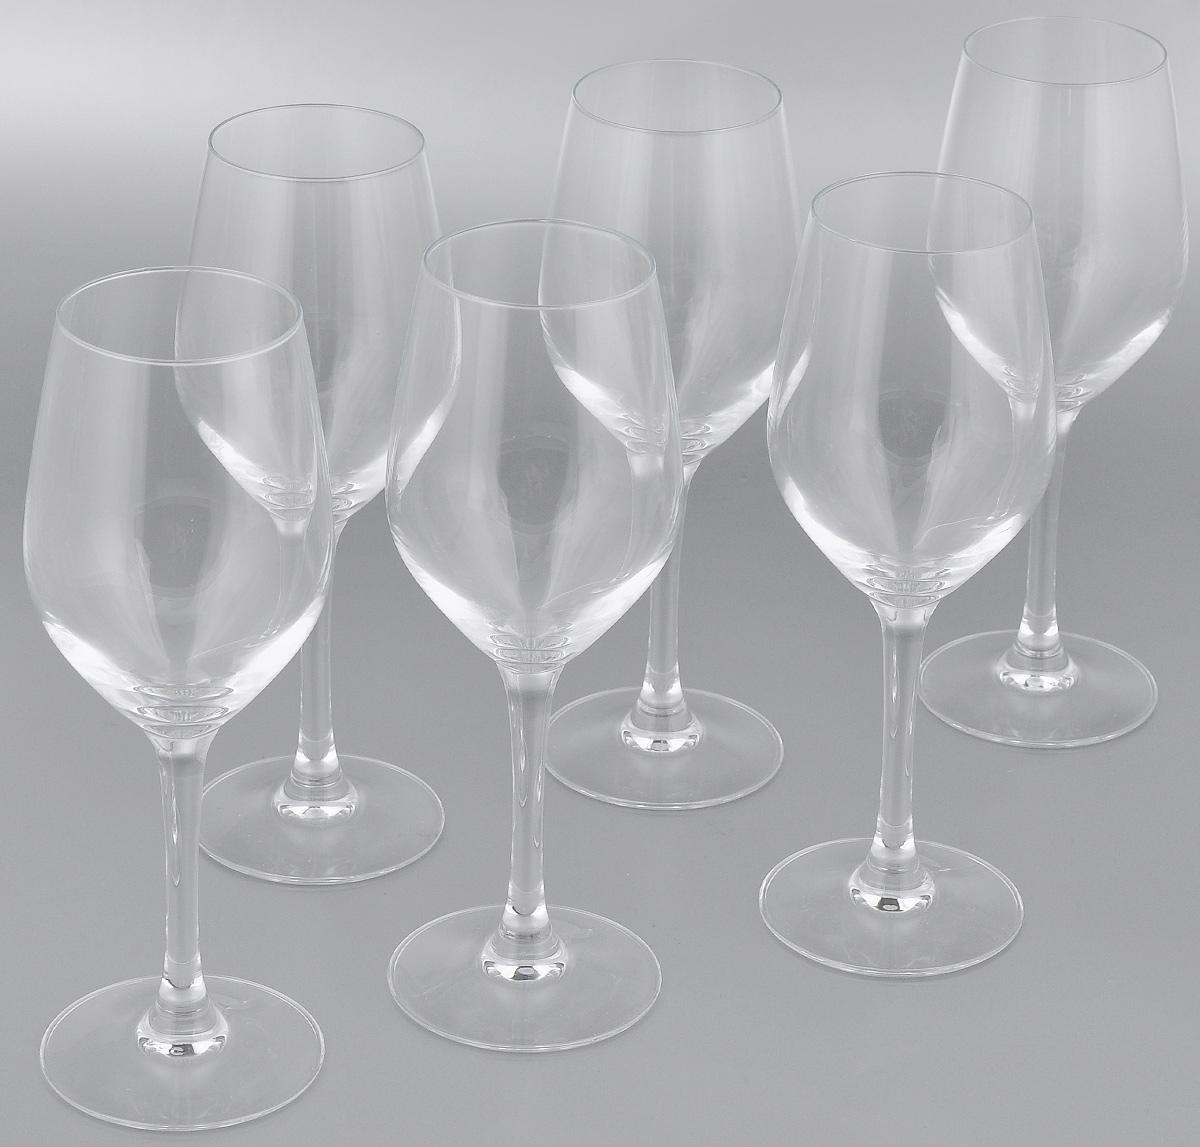 Набор фужеров для вина Luminarc Hermitage, 270 мл, 6 штH2601Набор Luminarc Hermitage состоит из шести фужеров, выполненных из прочного стекла. Изделияоснащены высокими ножками. Фужеры предназначены для подачи вина. Они сочетают в себе элегантный дизайн ифункциональность. Благодаря такому набору пить напитки будет еще вкуснее. Набор фужеров Luminarc Hermitage прекрасно оформит праздничный стол и создастприятную атмосферу за романтическим ужином. Такой набор также станетхорошим подарком к любому случаю.Диаметр фужера (по верхнему краю): 5,5 см.Высота фужера: 20,5 см.